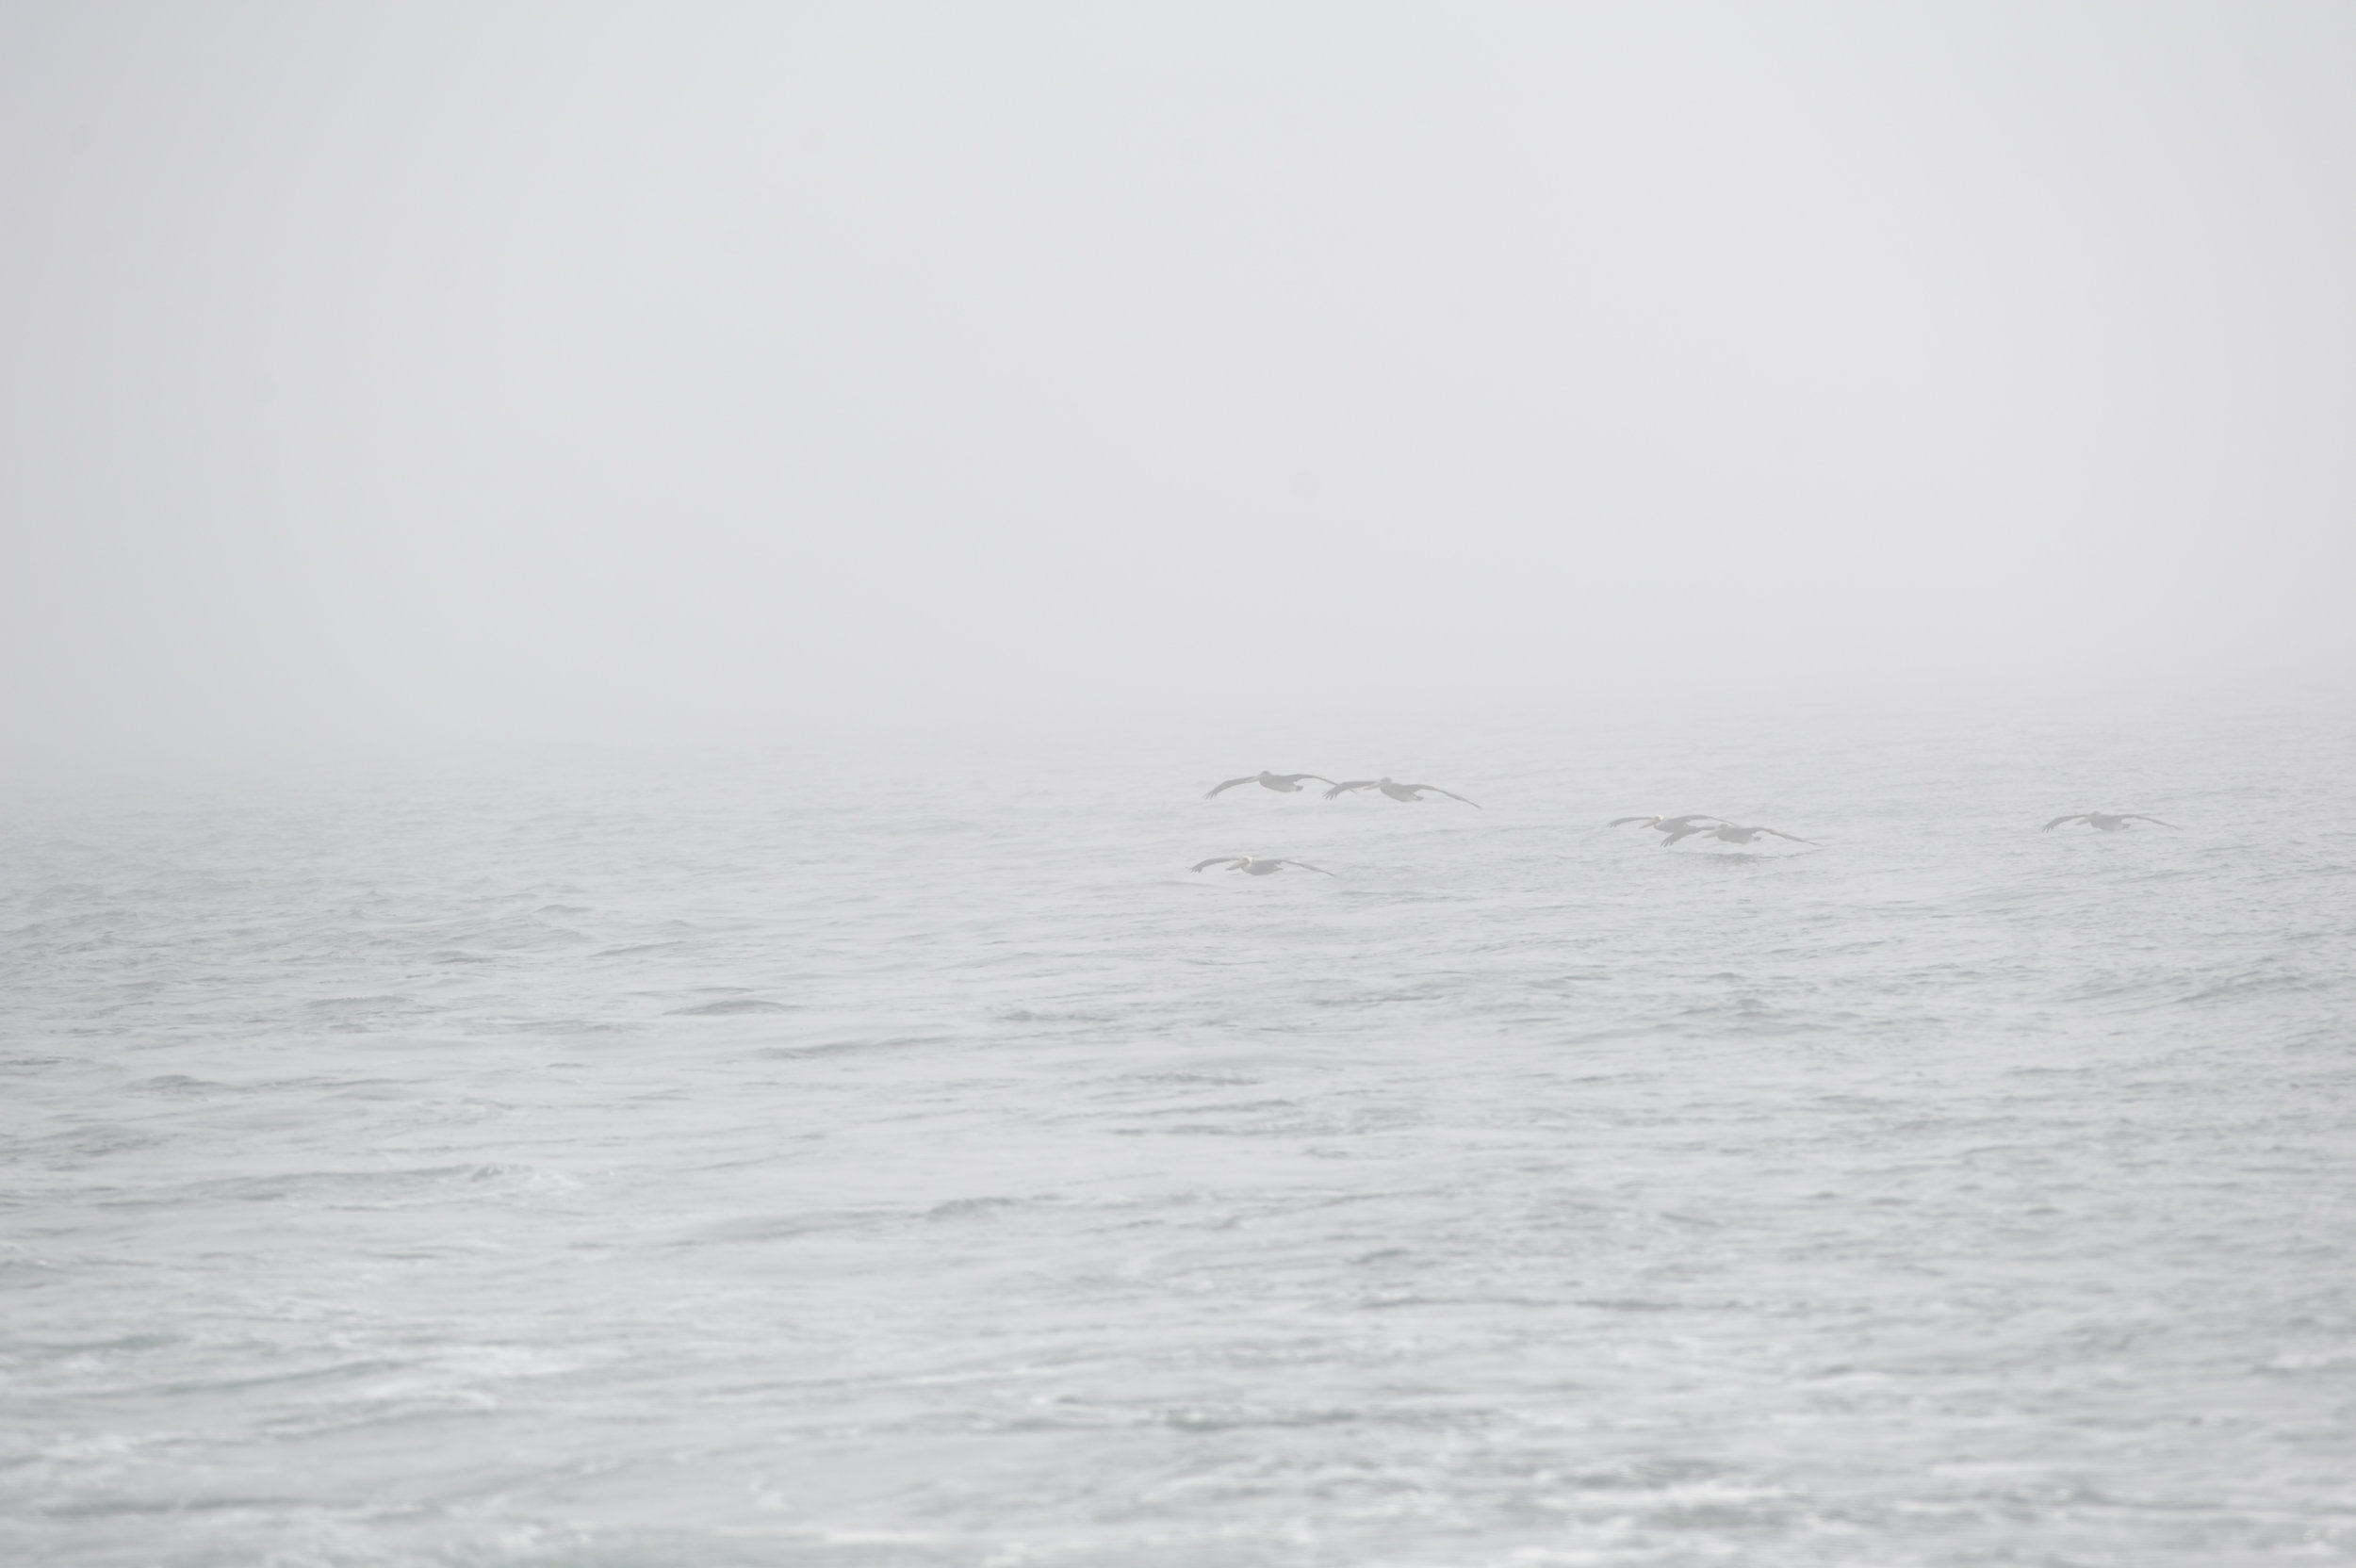 Brown pelicans gliding through the fog.